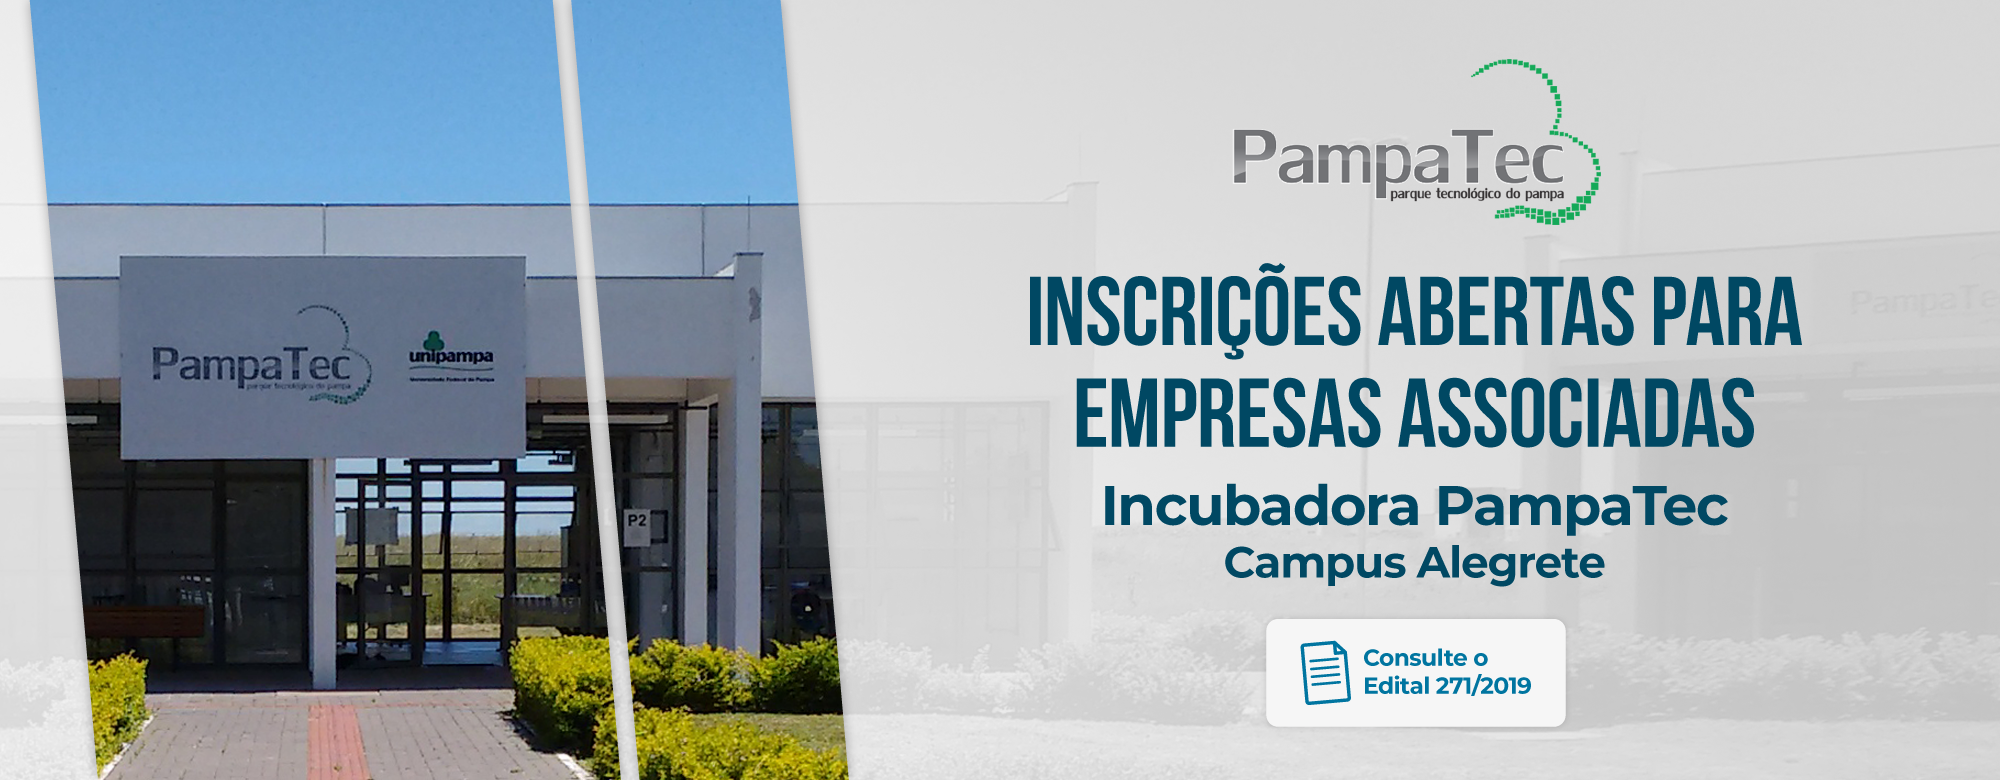 Abertas inscrições de empresas associadas para a incubadora do Pampatec